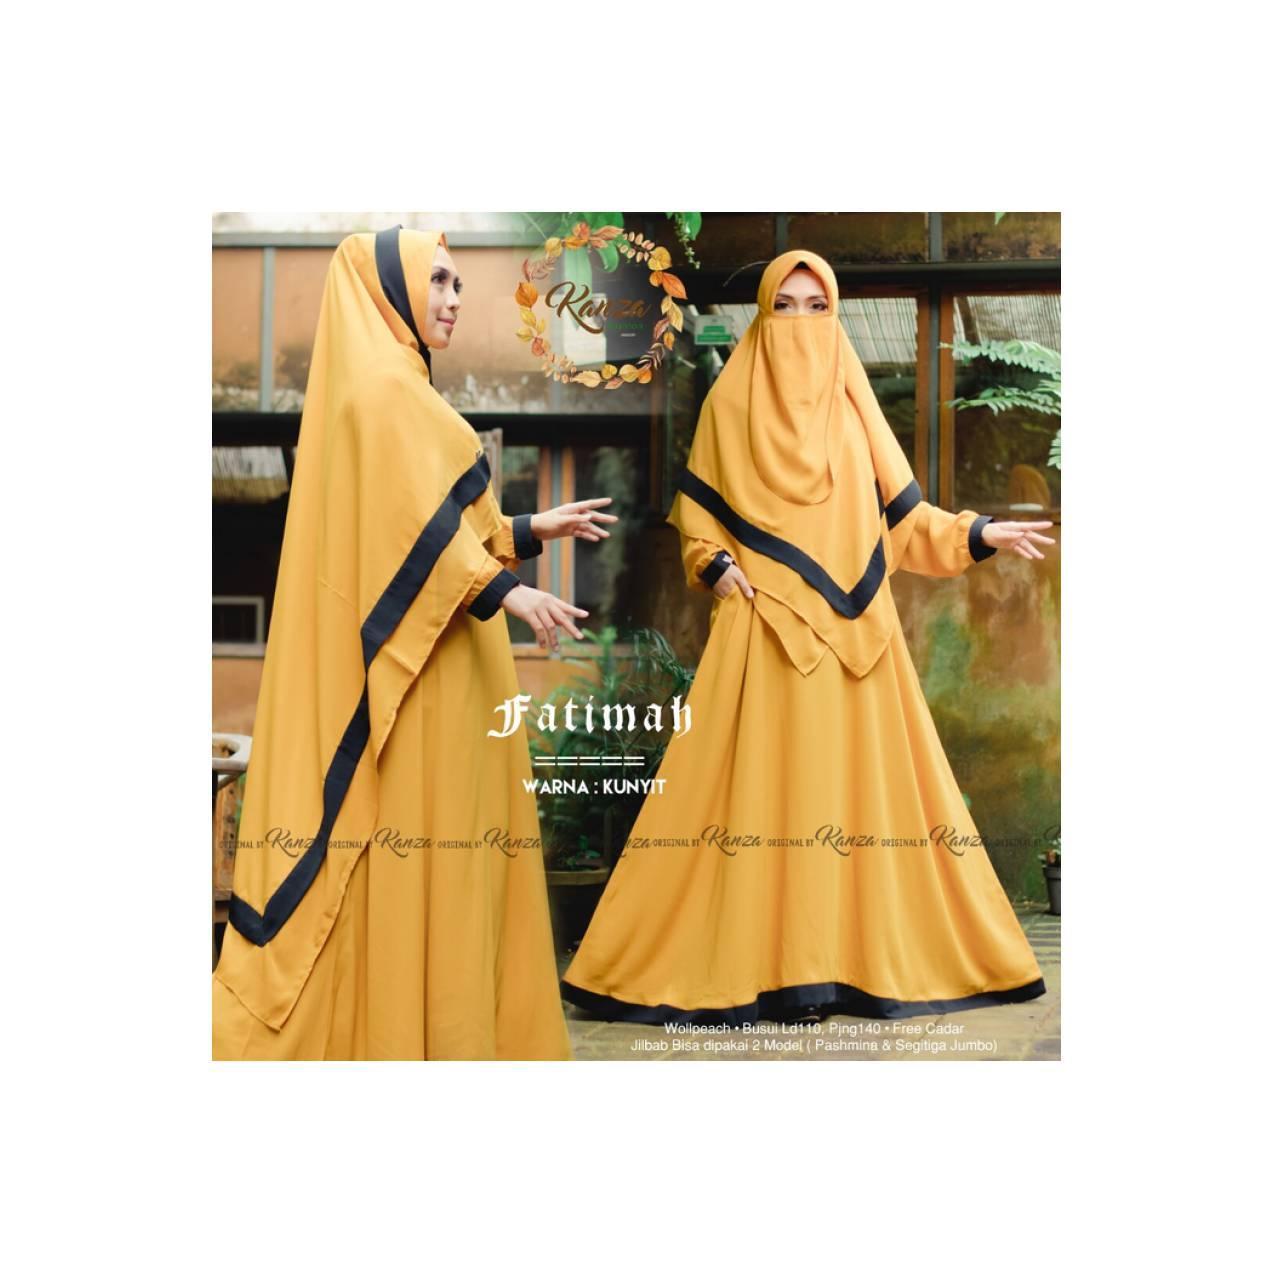 Harga Jual Gamis Umbrella Afina Termurah 2018 Tcash Vaganza 26 Harpic Pembersih Kloset Power Orange 450 Ml Hijab Segi Murah Garansi Dan Berkualitas Id Store Rp 604800